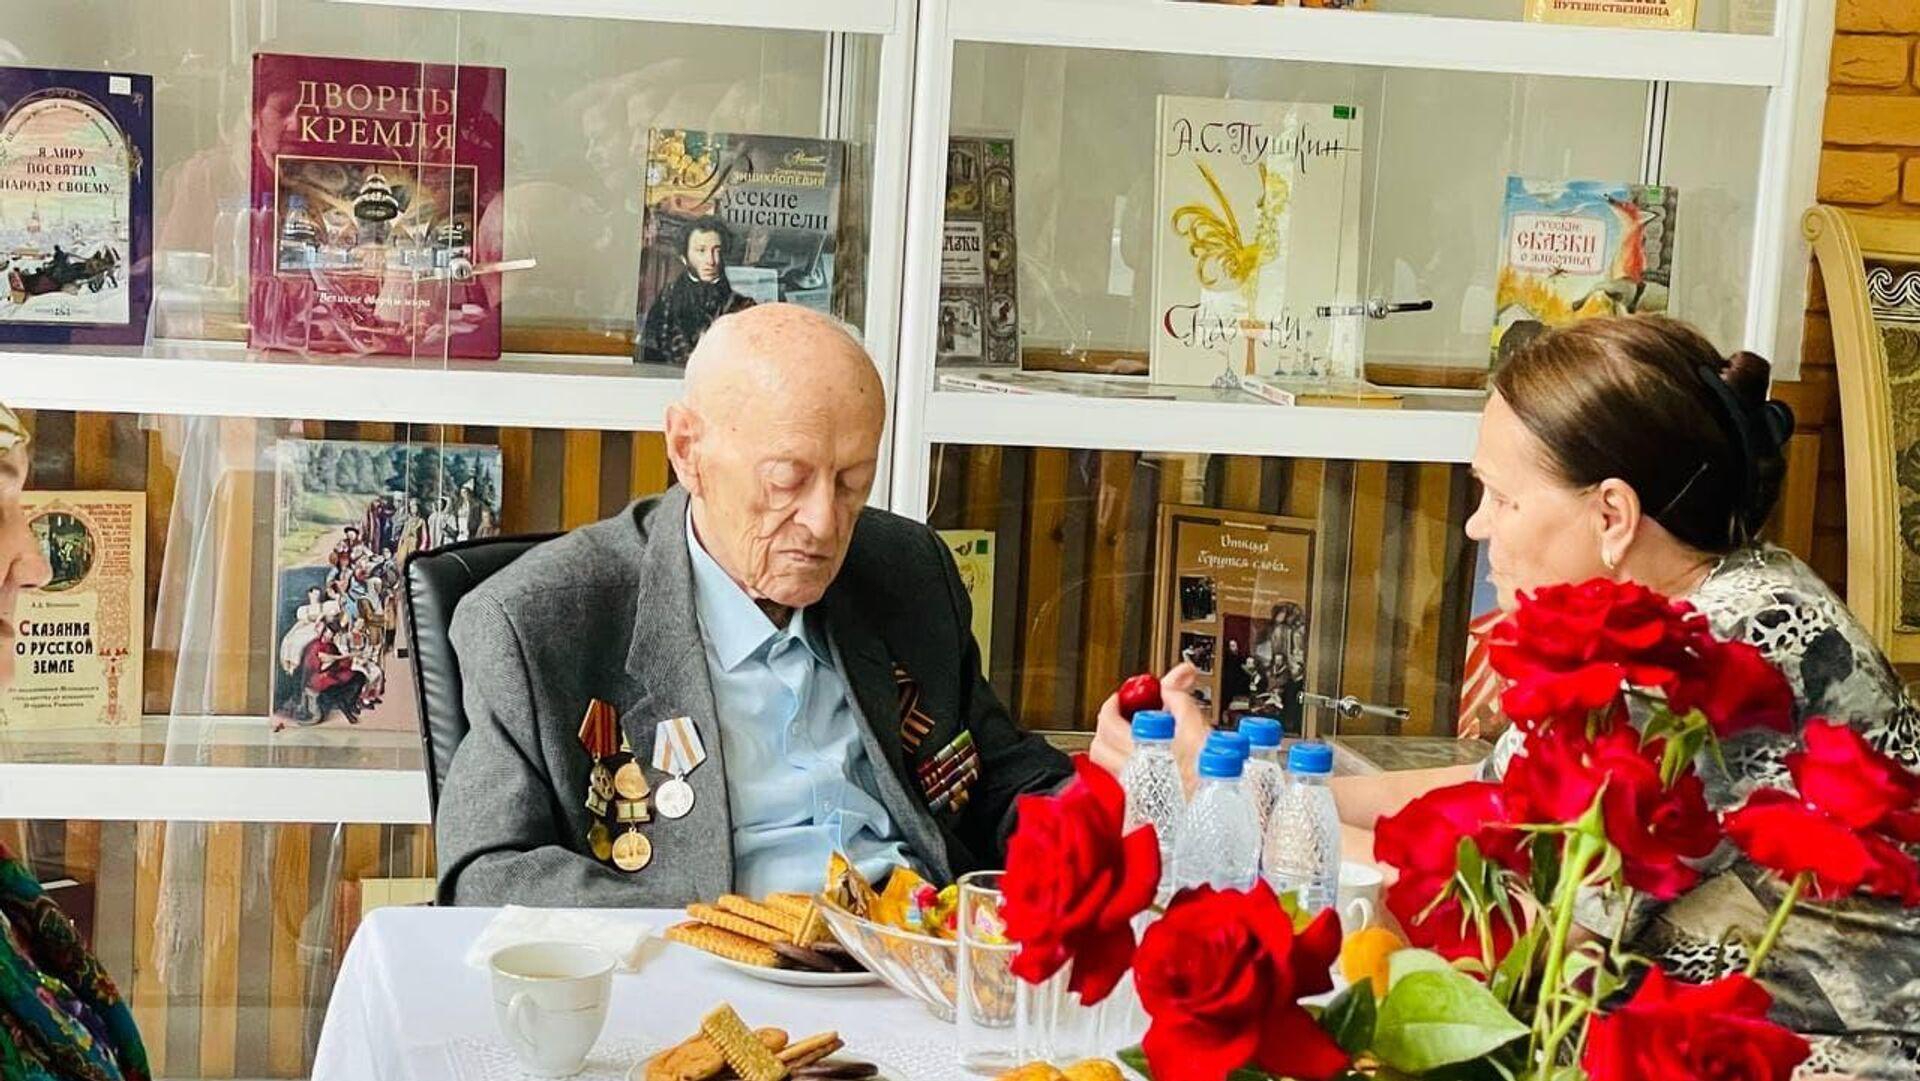 Ветеран Великой Отечественной войны из Таджикистана Олег Соболев - Sputnik Таджикистан, 1920, 05.05.2021